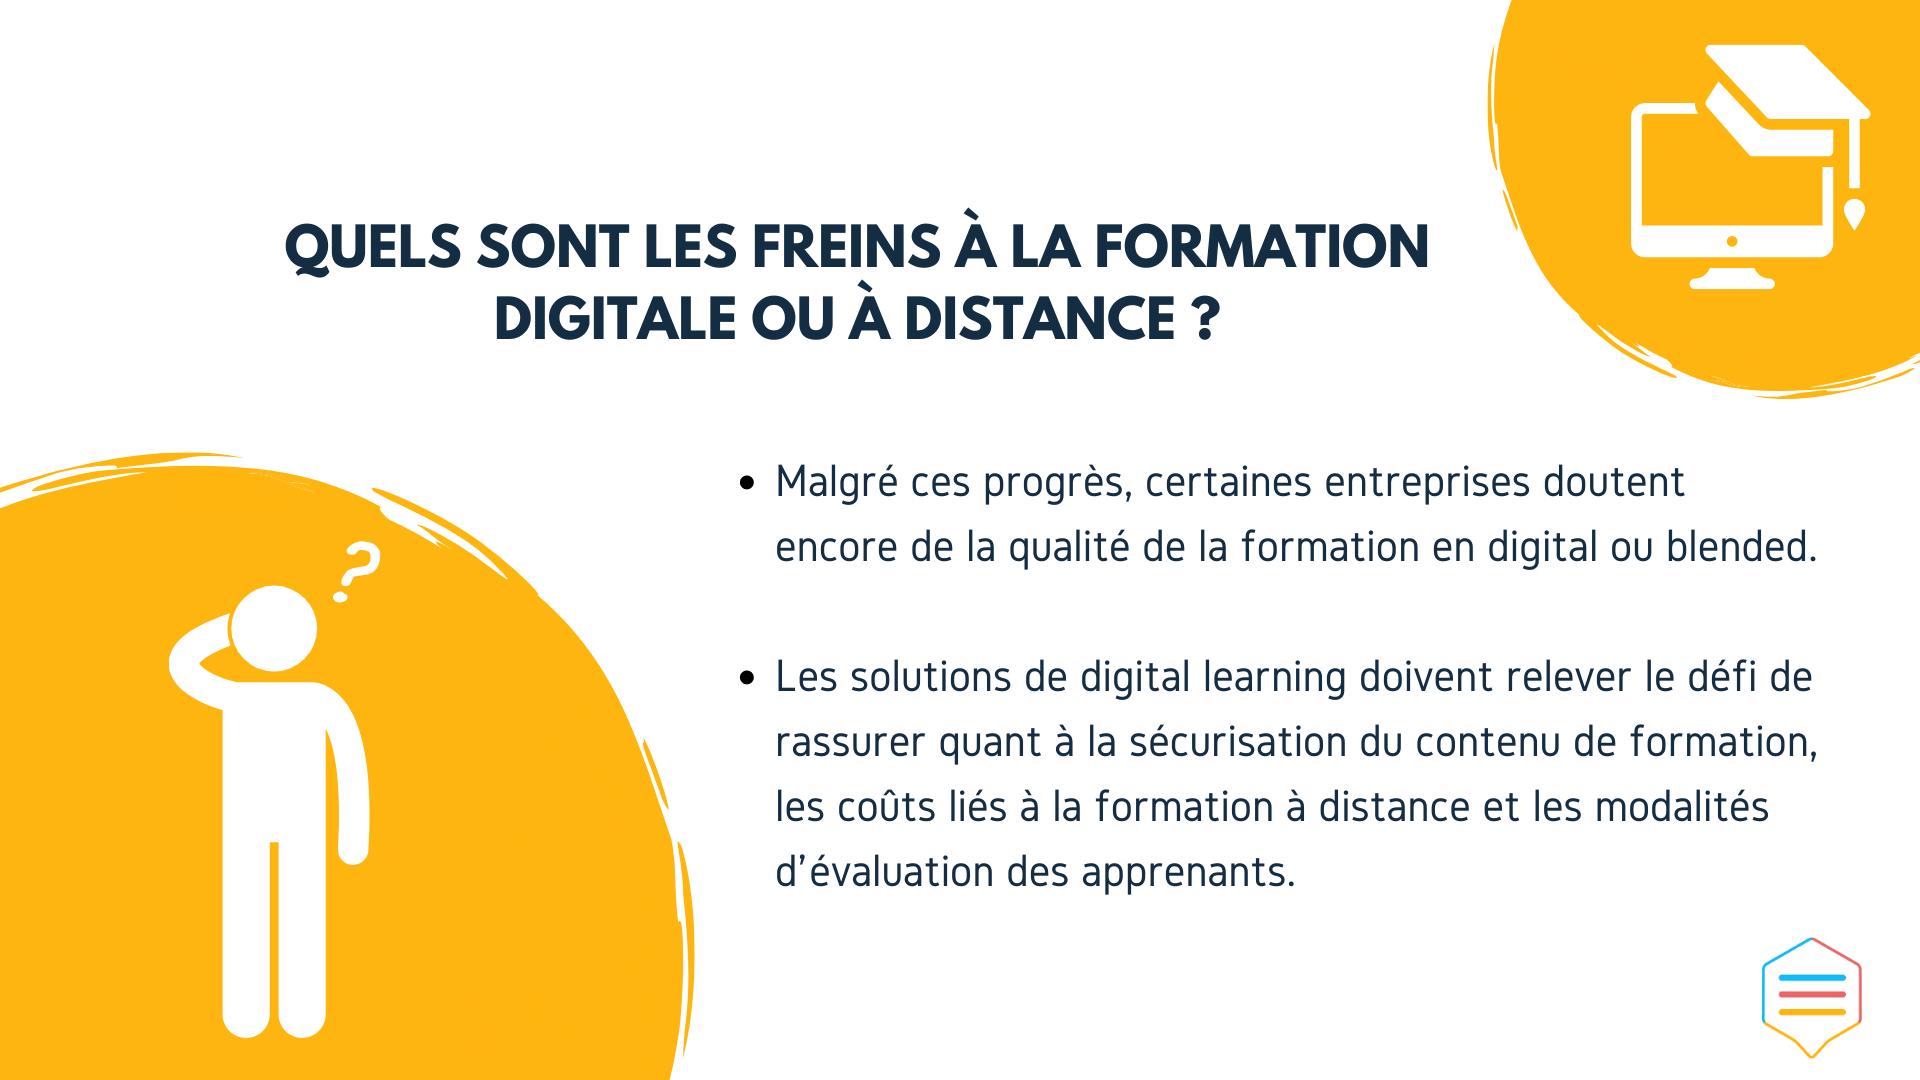 Quels sont les freins à la formation digitale ou à distance ?